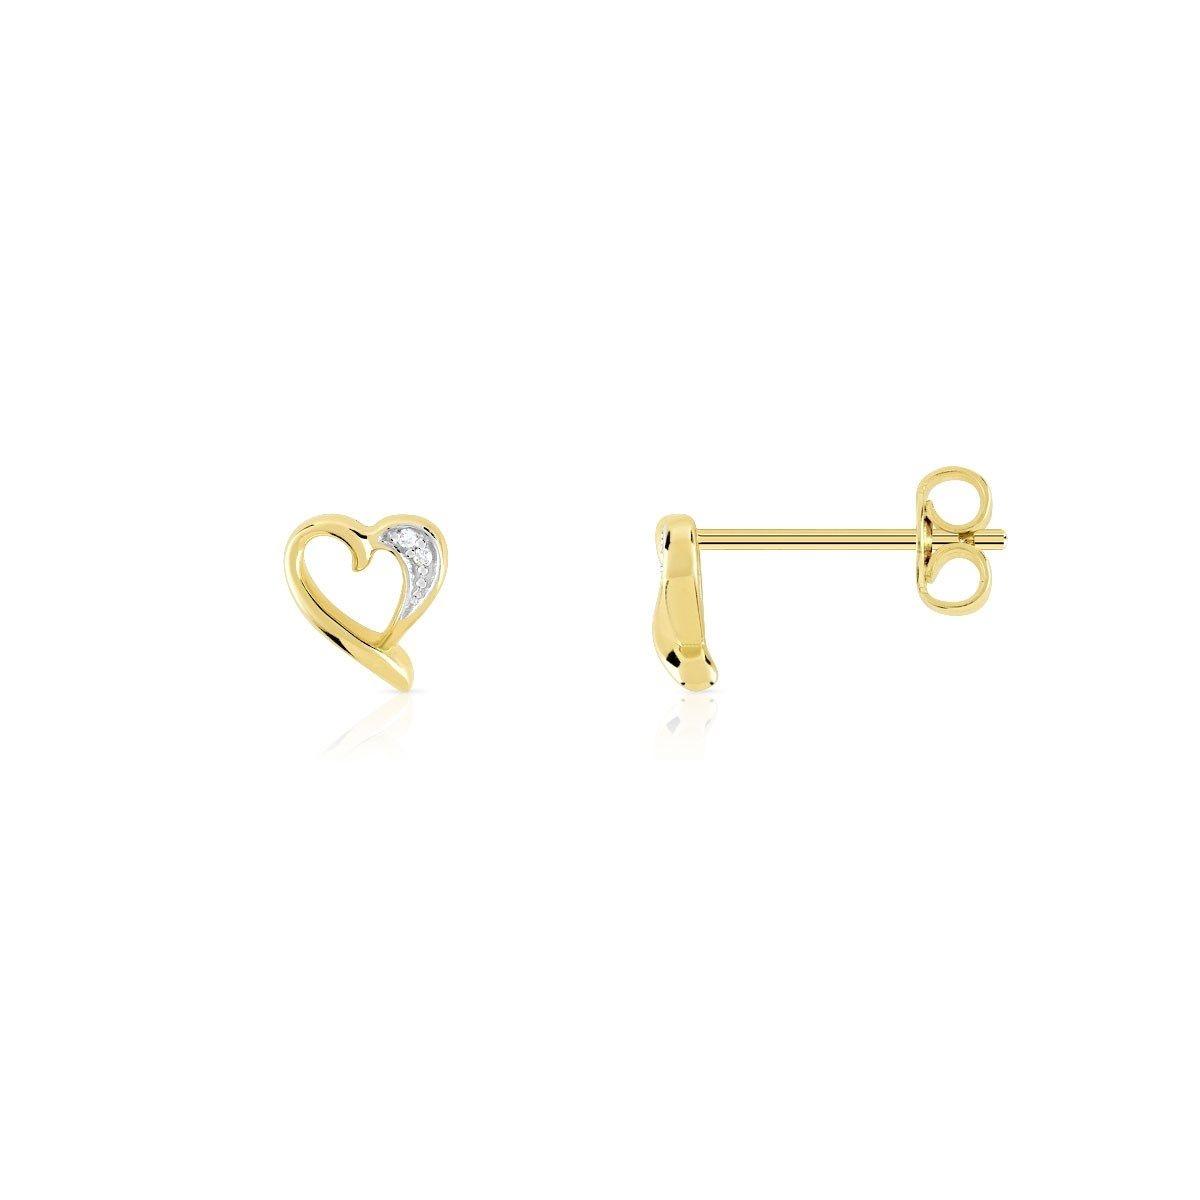 Boucles d'oreilles or 375 2 tons diamant